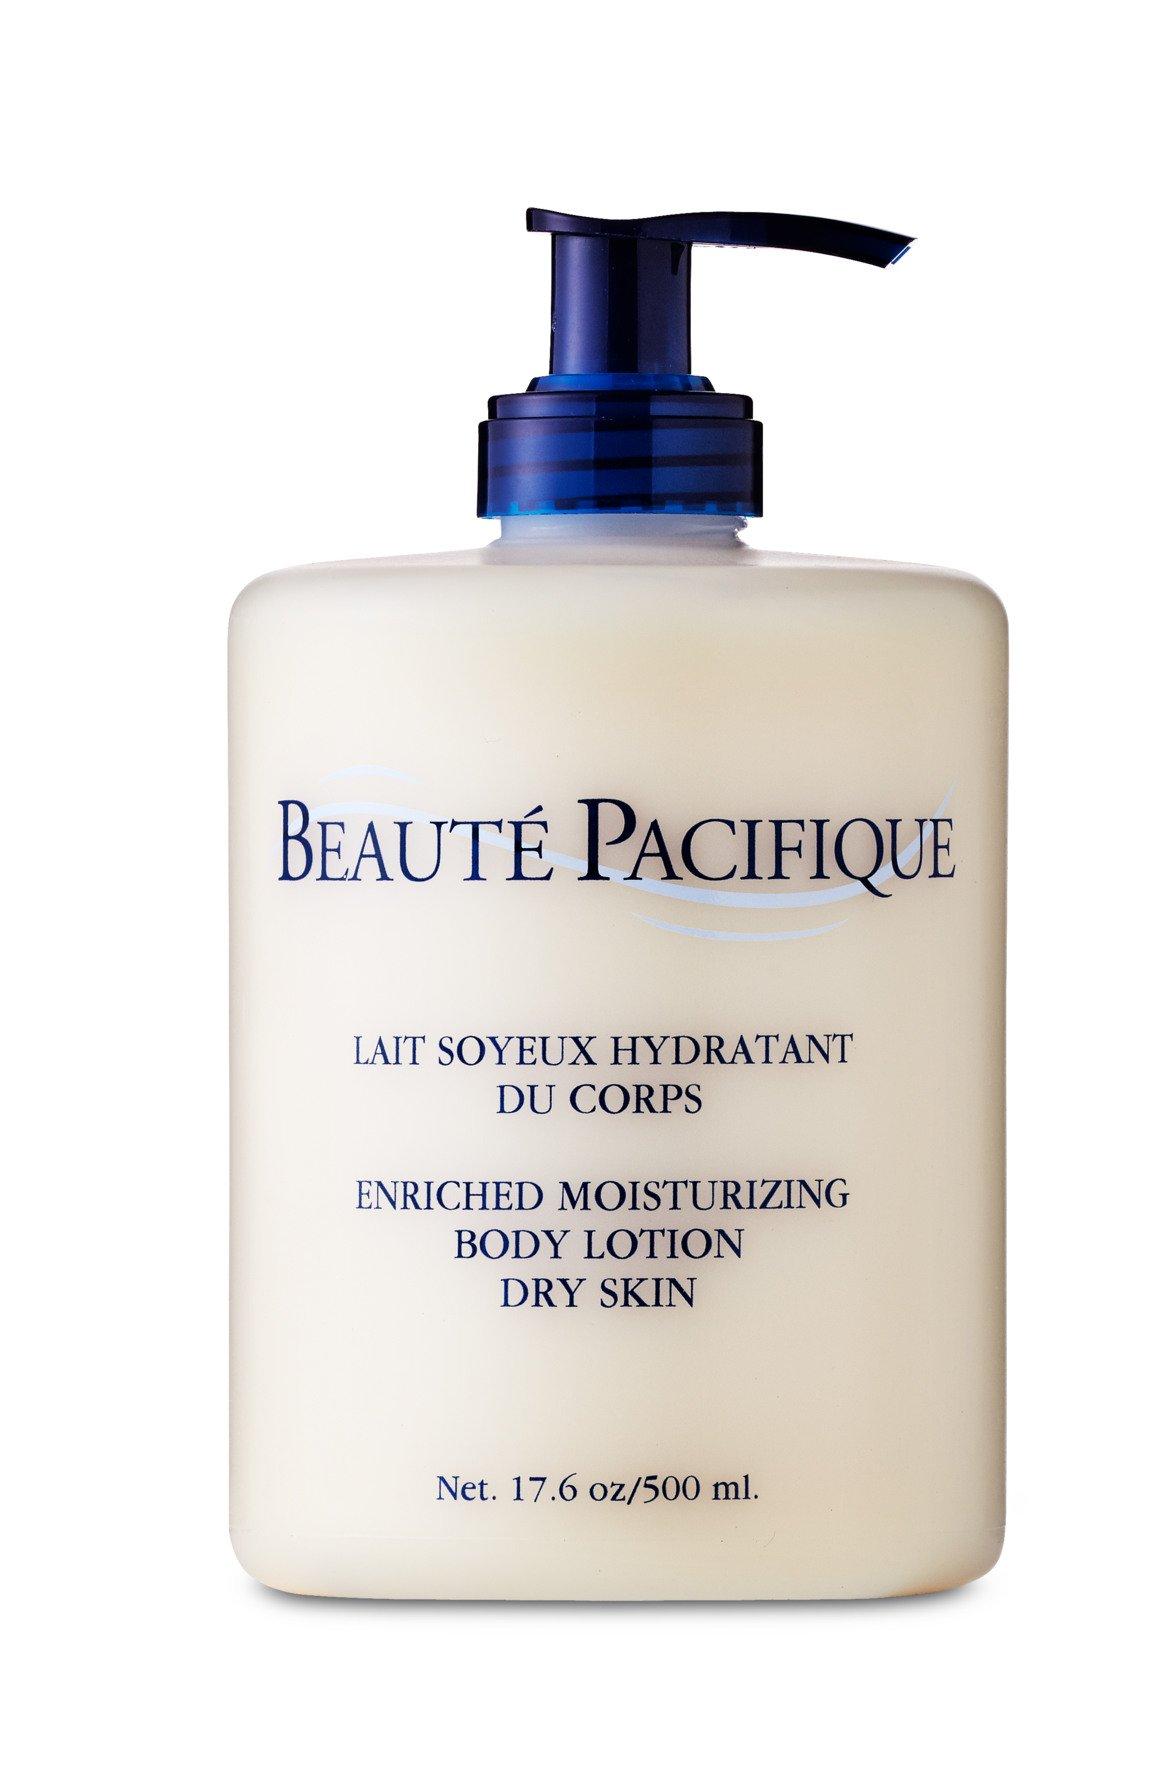 Beauté Pacifique - Body Lotion for Dry Skin 500 ml.